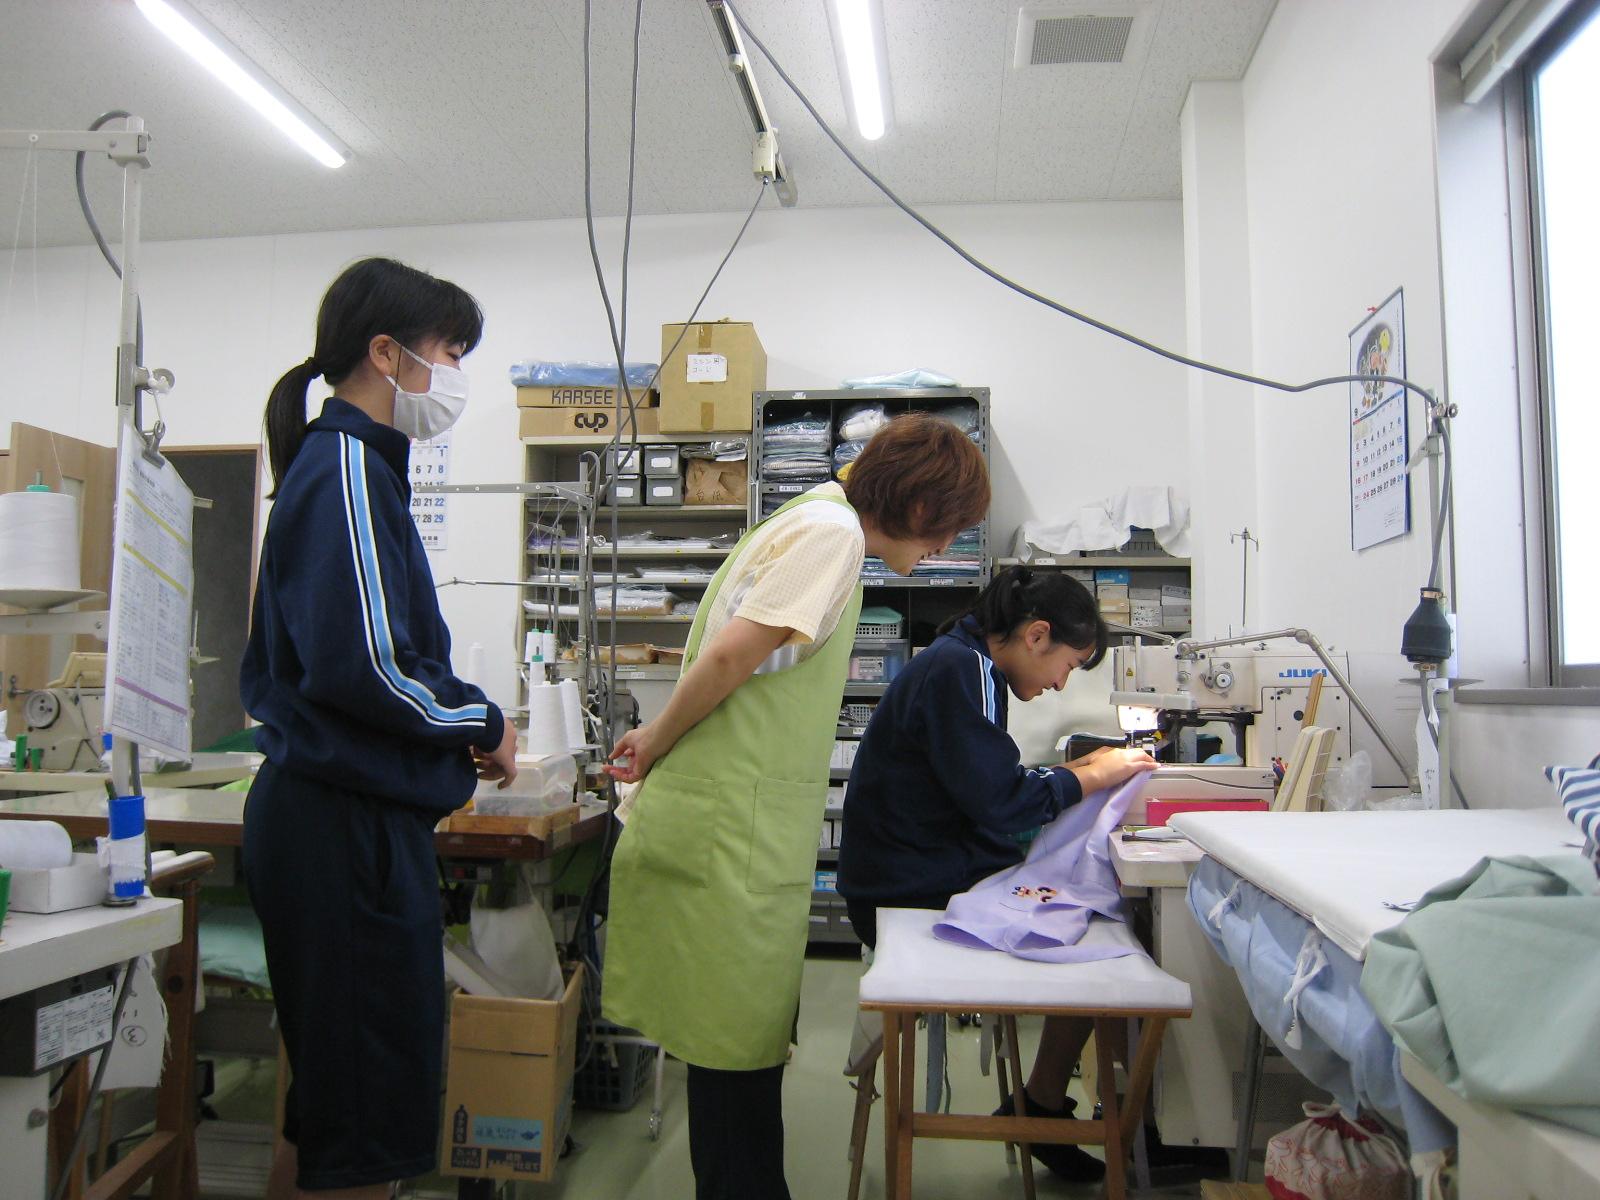 中学生の職場体験実習の様子 クラユニ